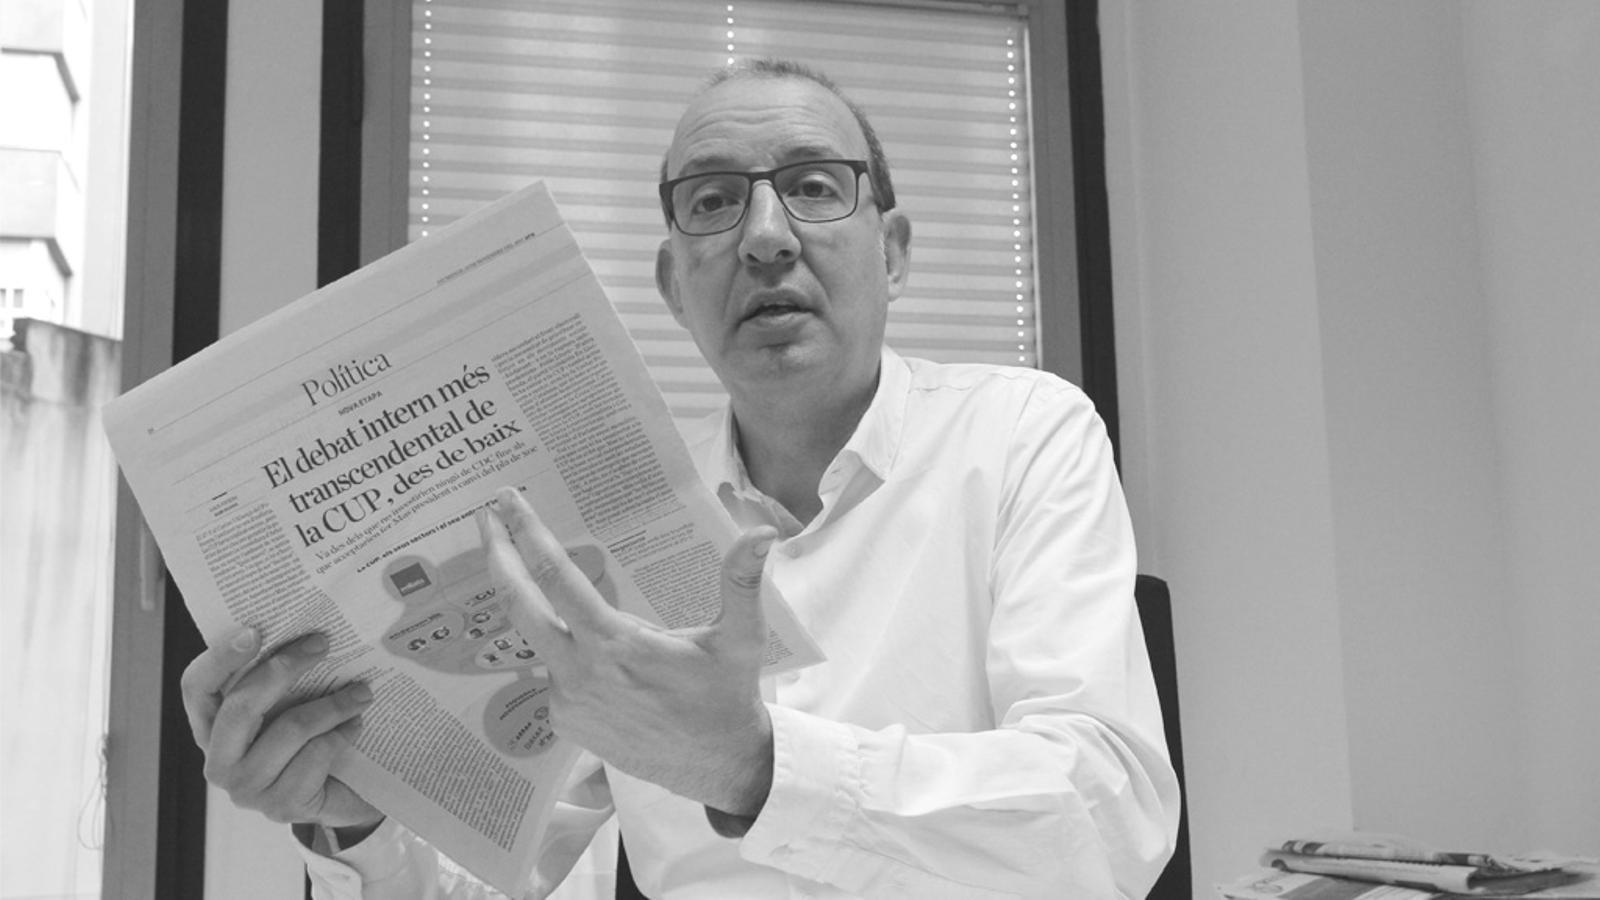 L'editorial d'Antoni Bassas: Sense por al compromís